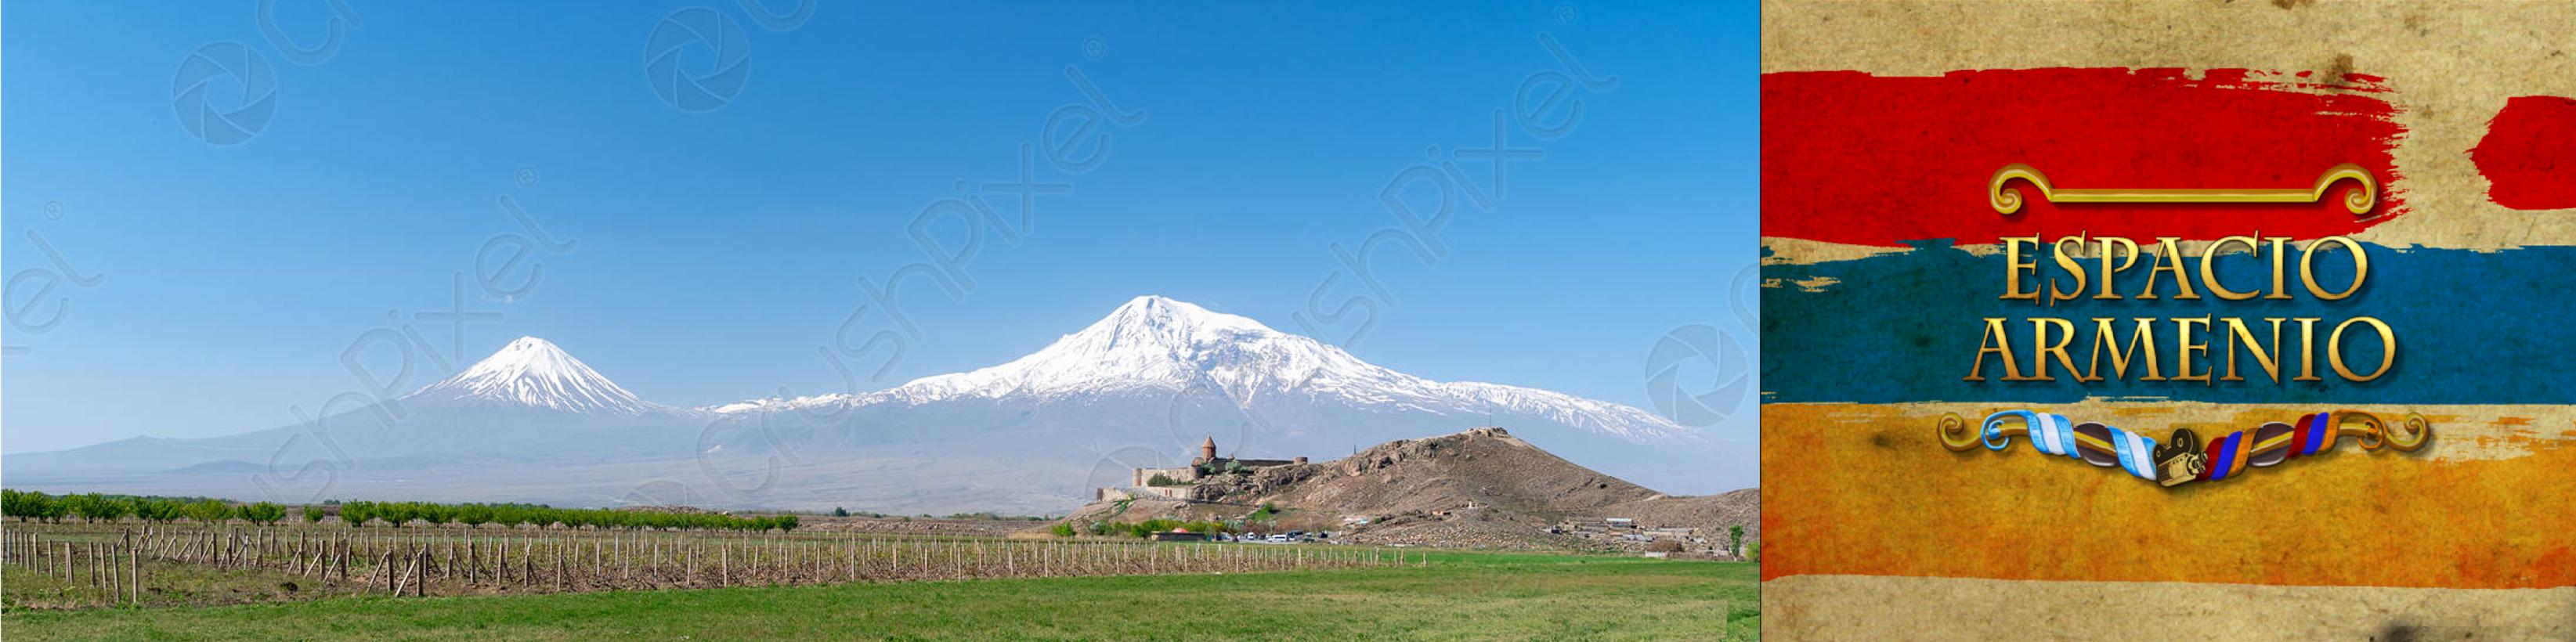 Espacio armenio